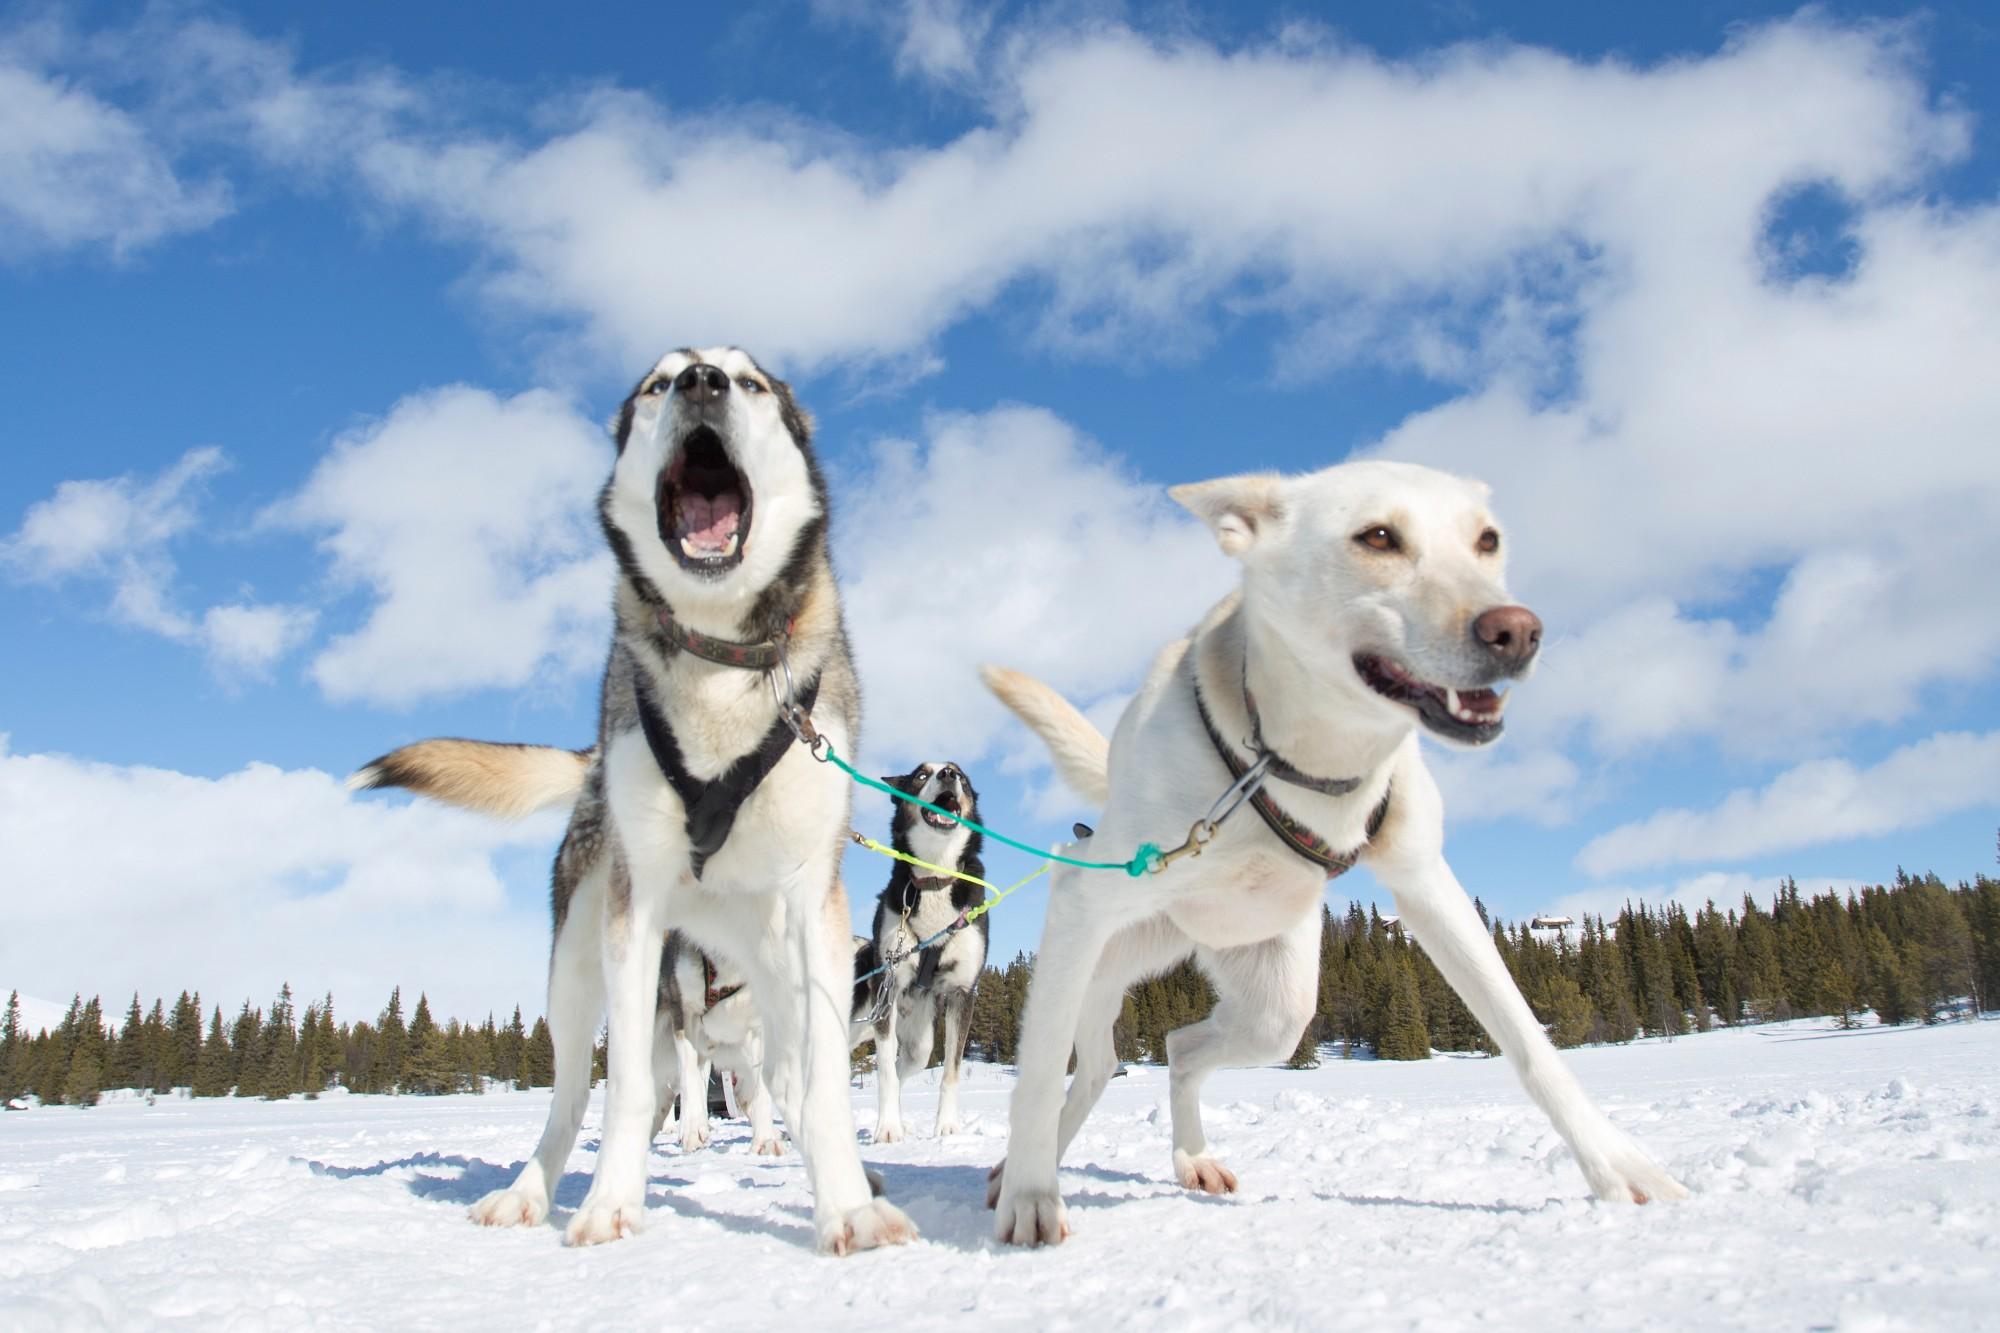 Eksklusiv vinterpakke - opplev glamping og hundekjøring